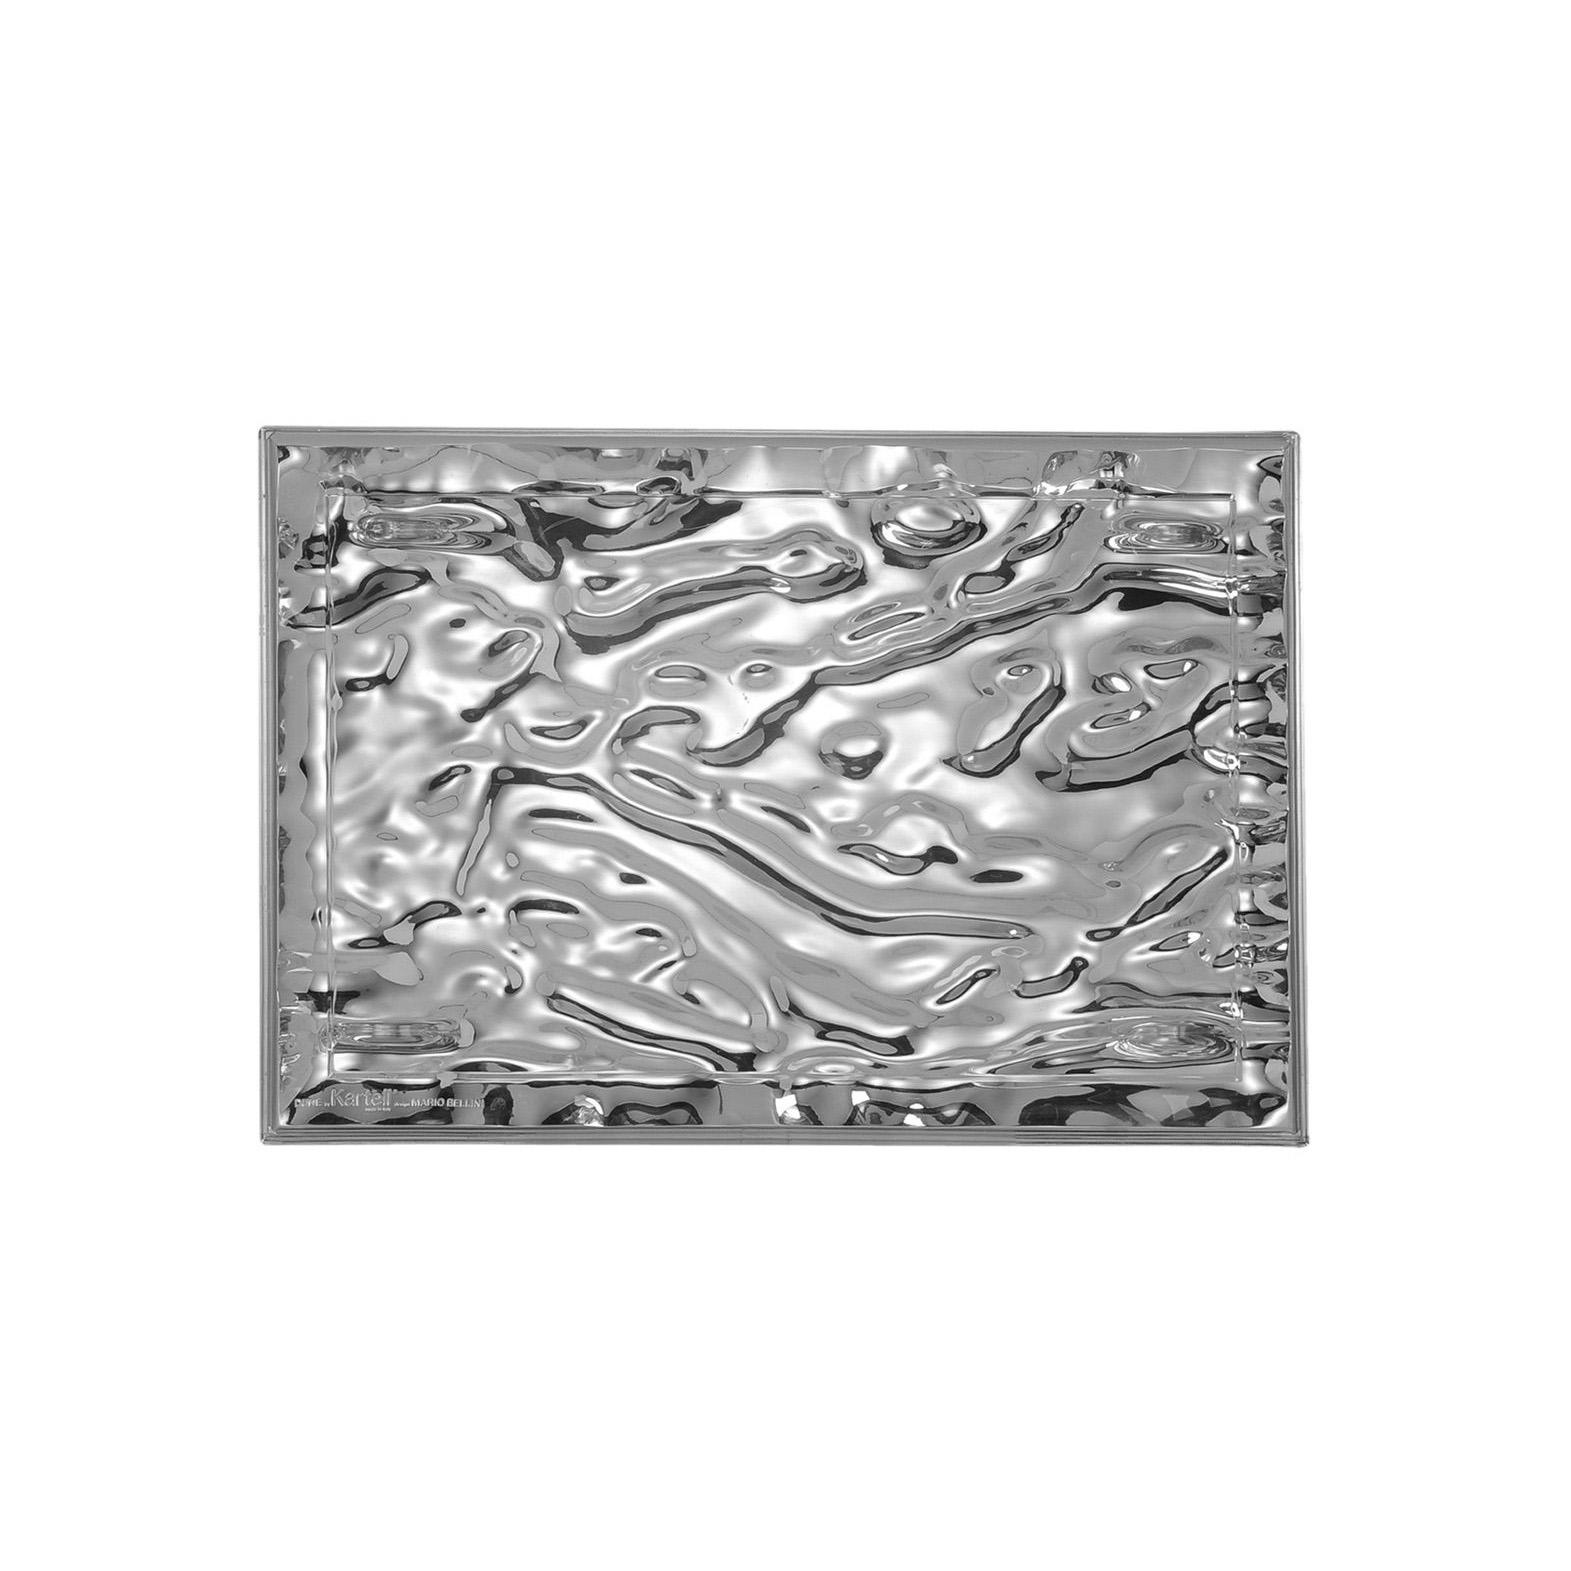 buy kartell dune tray metal chrome online  connections at home - kartell dune tray metallic chrome